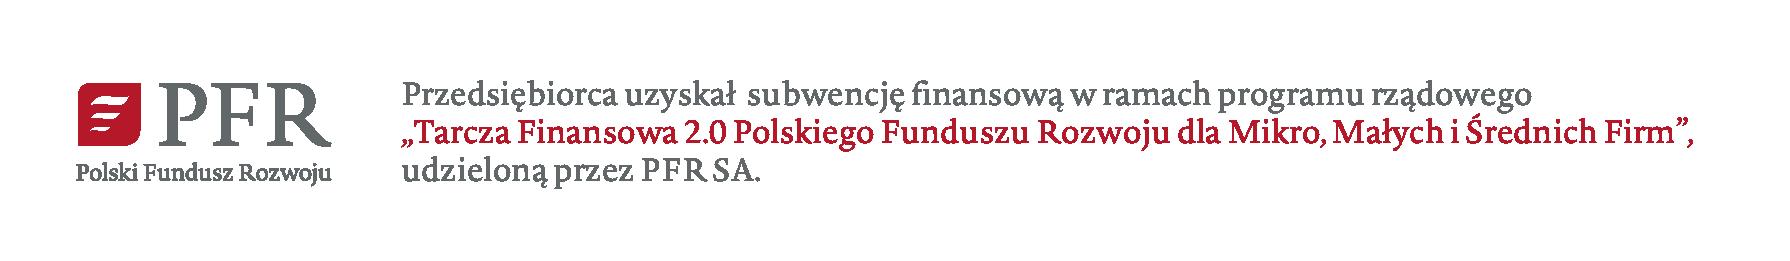 """Przedsiębiorca uzyskła subwencję finansową w ramach programu rządowego """"Tarcza Finansowa 2.0 Polskiego Funduszu Rozwoju dla Mikro, Małych i Średnich Firm"""", udzieloną przez PFR S.A."""